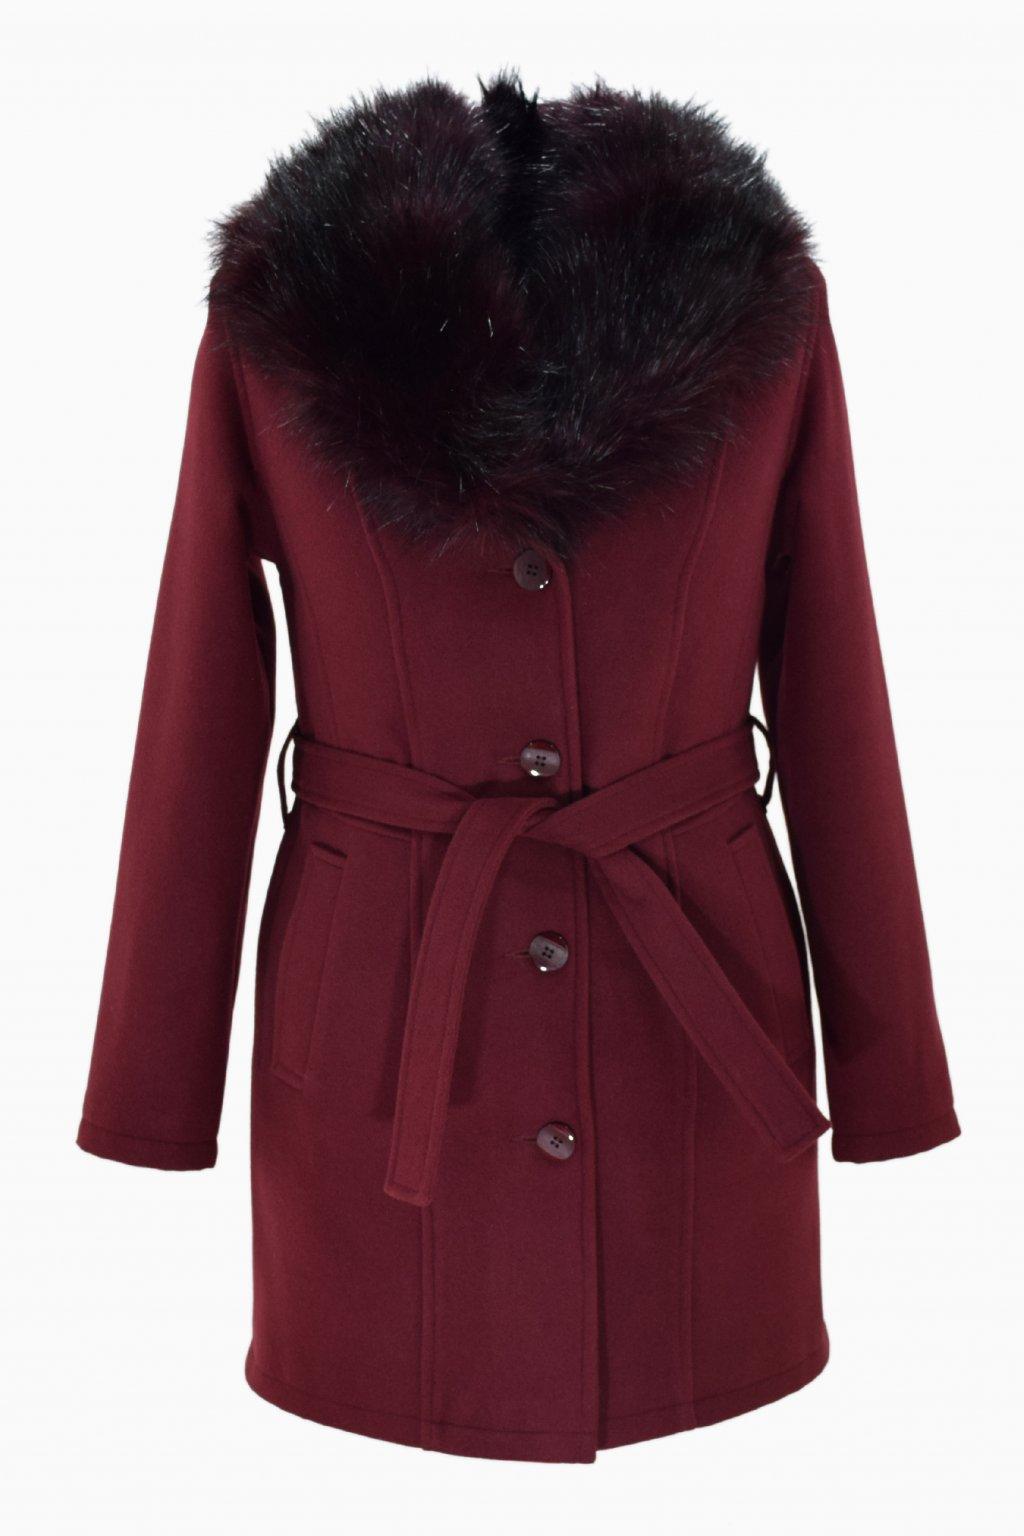 Dámský vínový zimní kabát s kožešinou Julie.